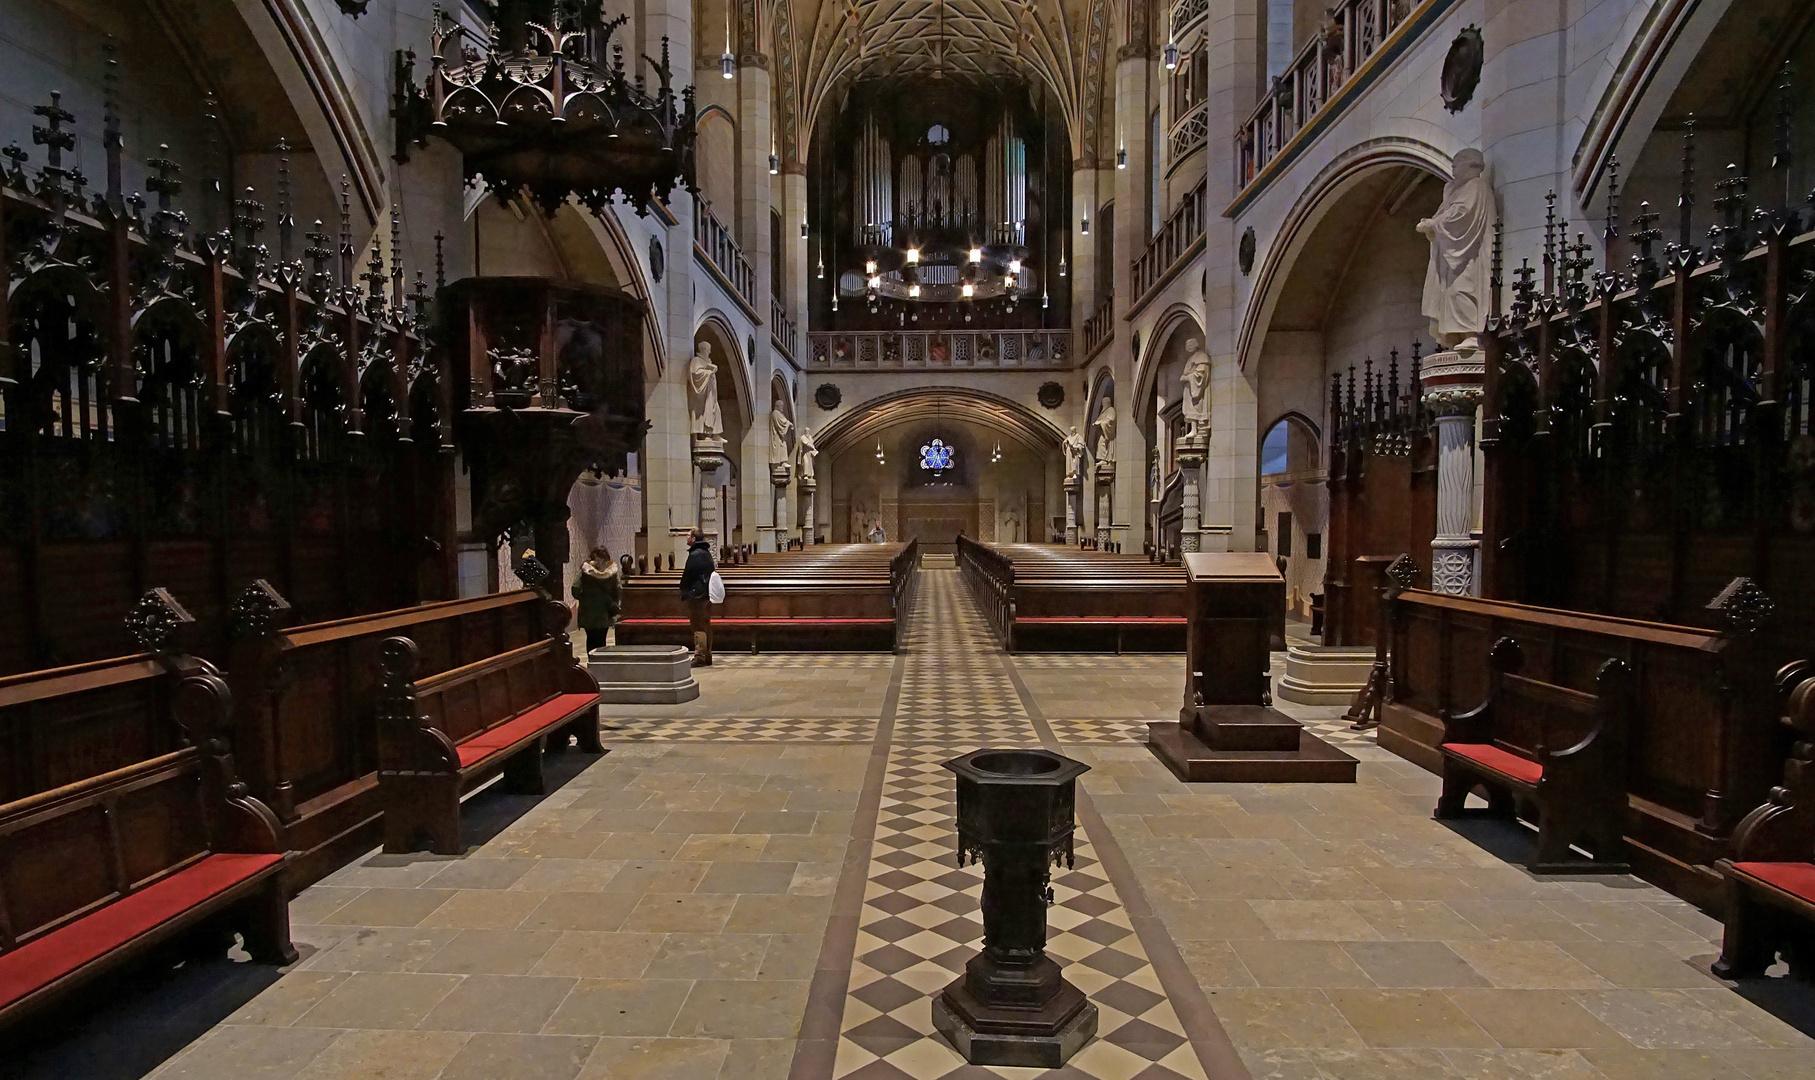 Schlosskirche zu Wittenberg